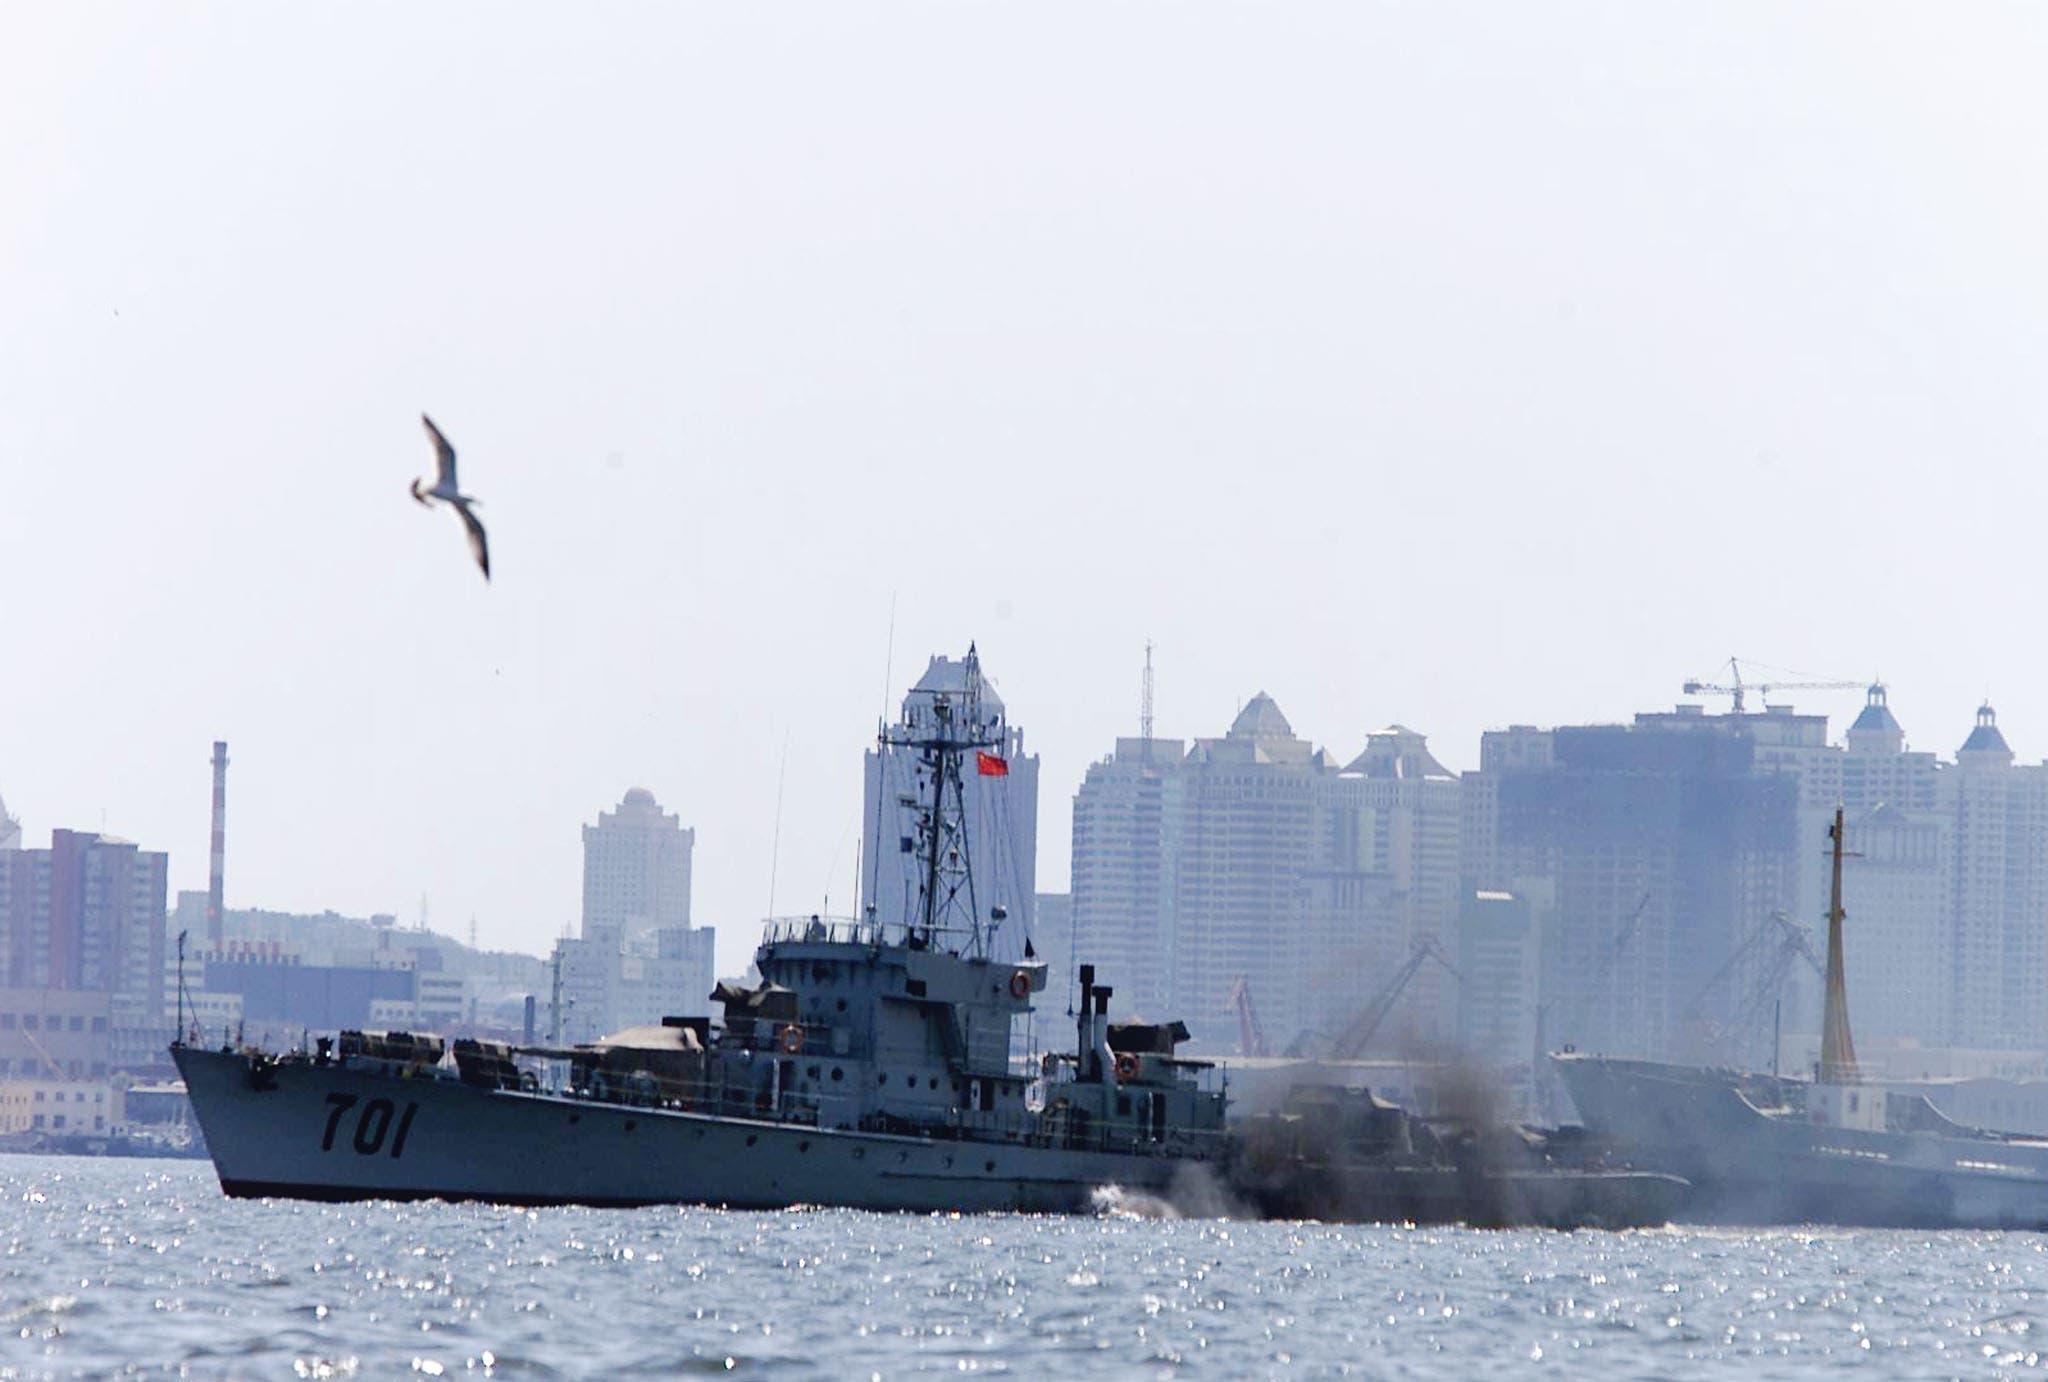 حاملة طائرات صينية (رويترز)